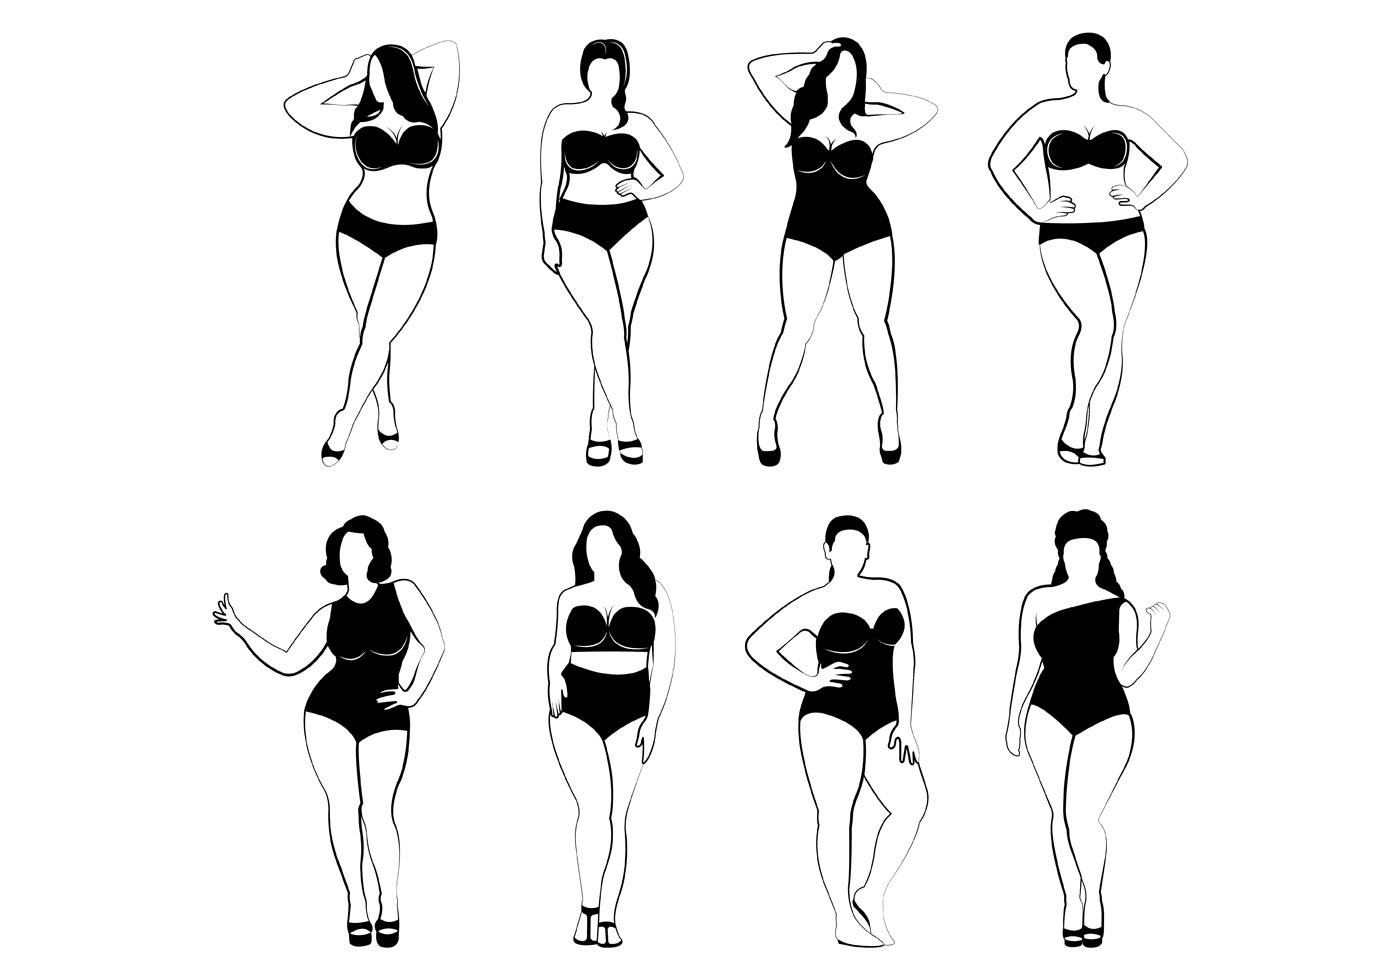 Plus Size Women Vectors